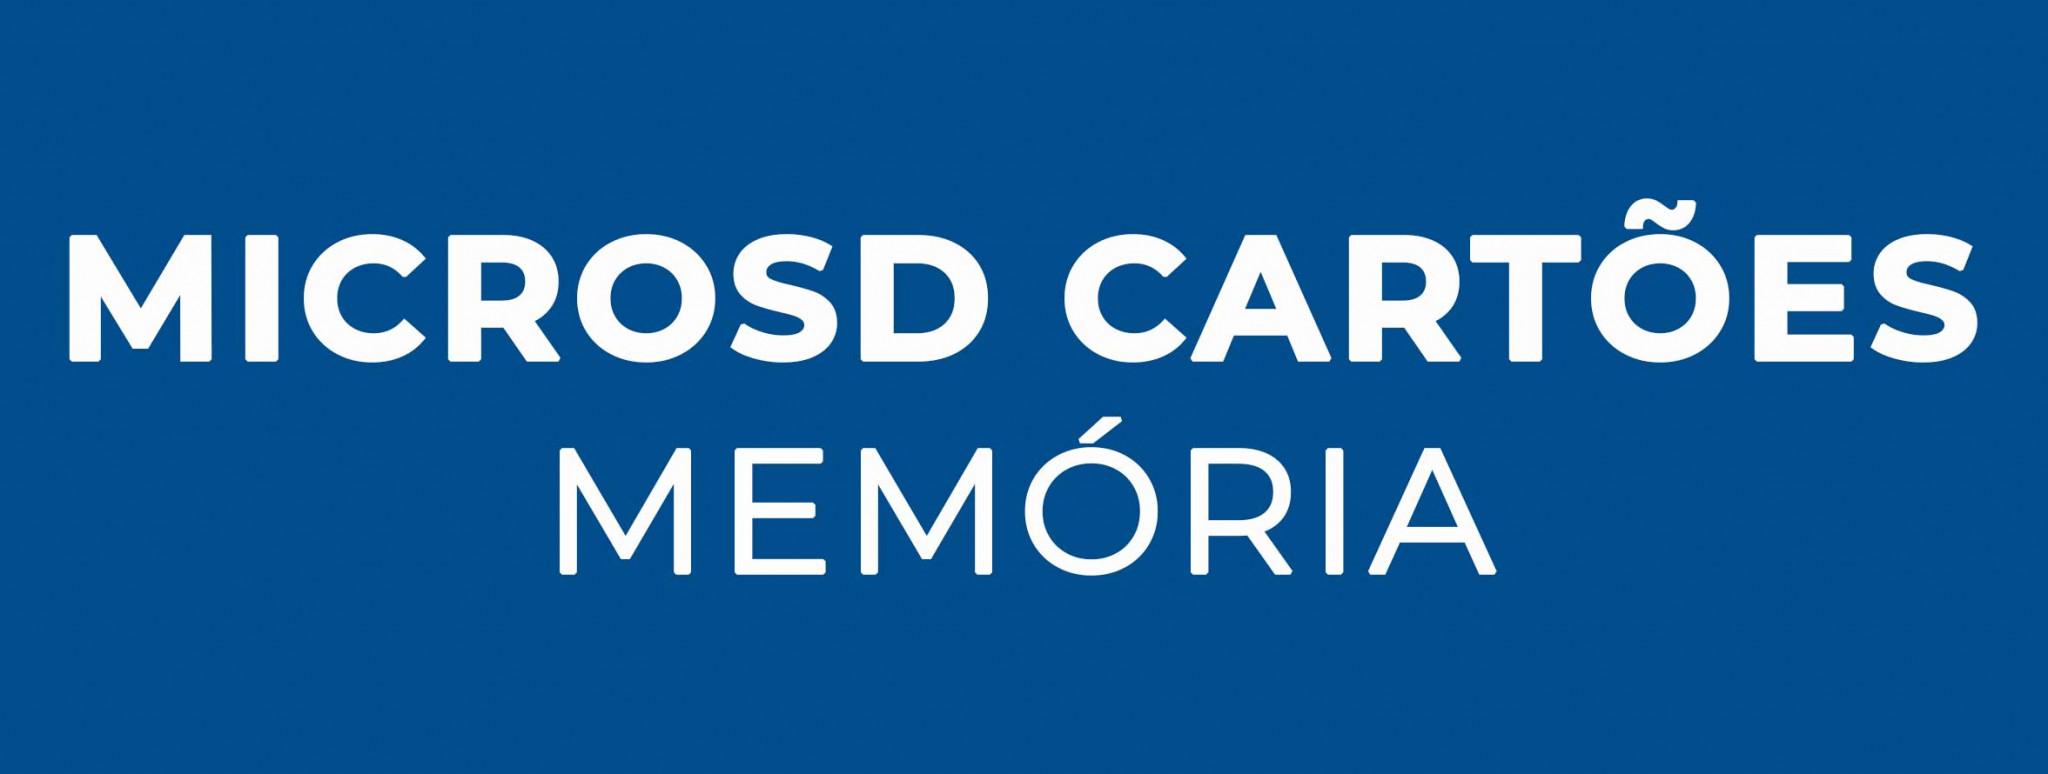 MicroSD Cartões Memória